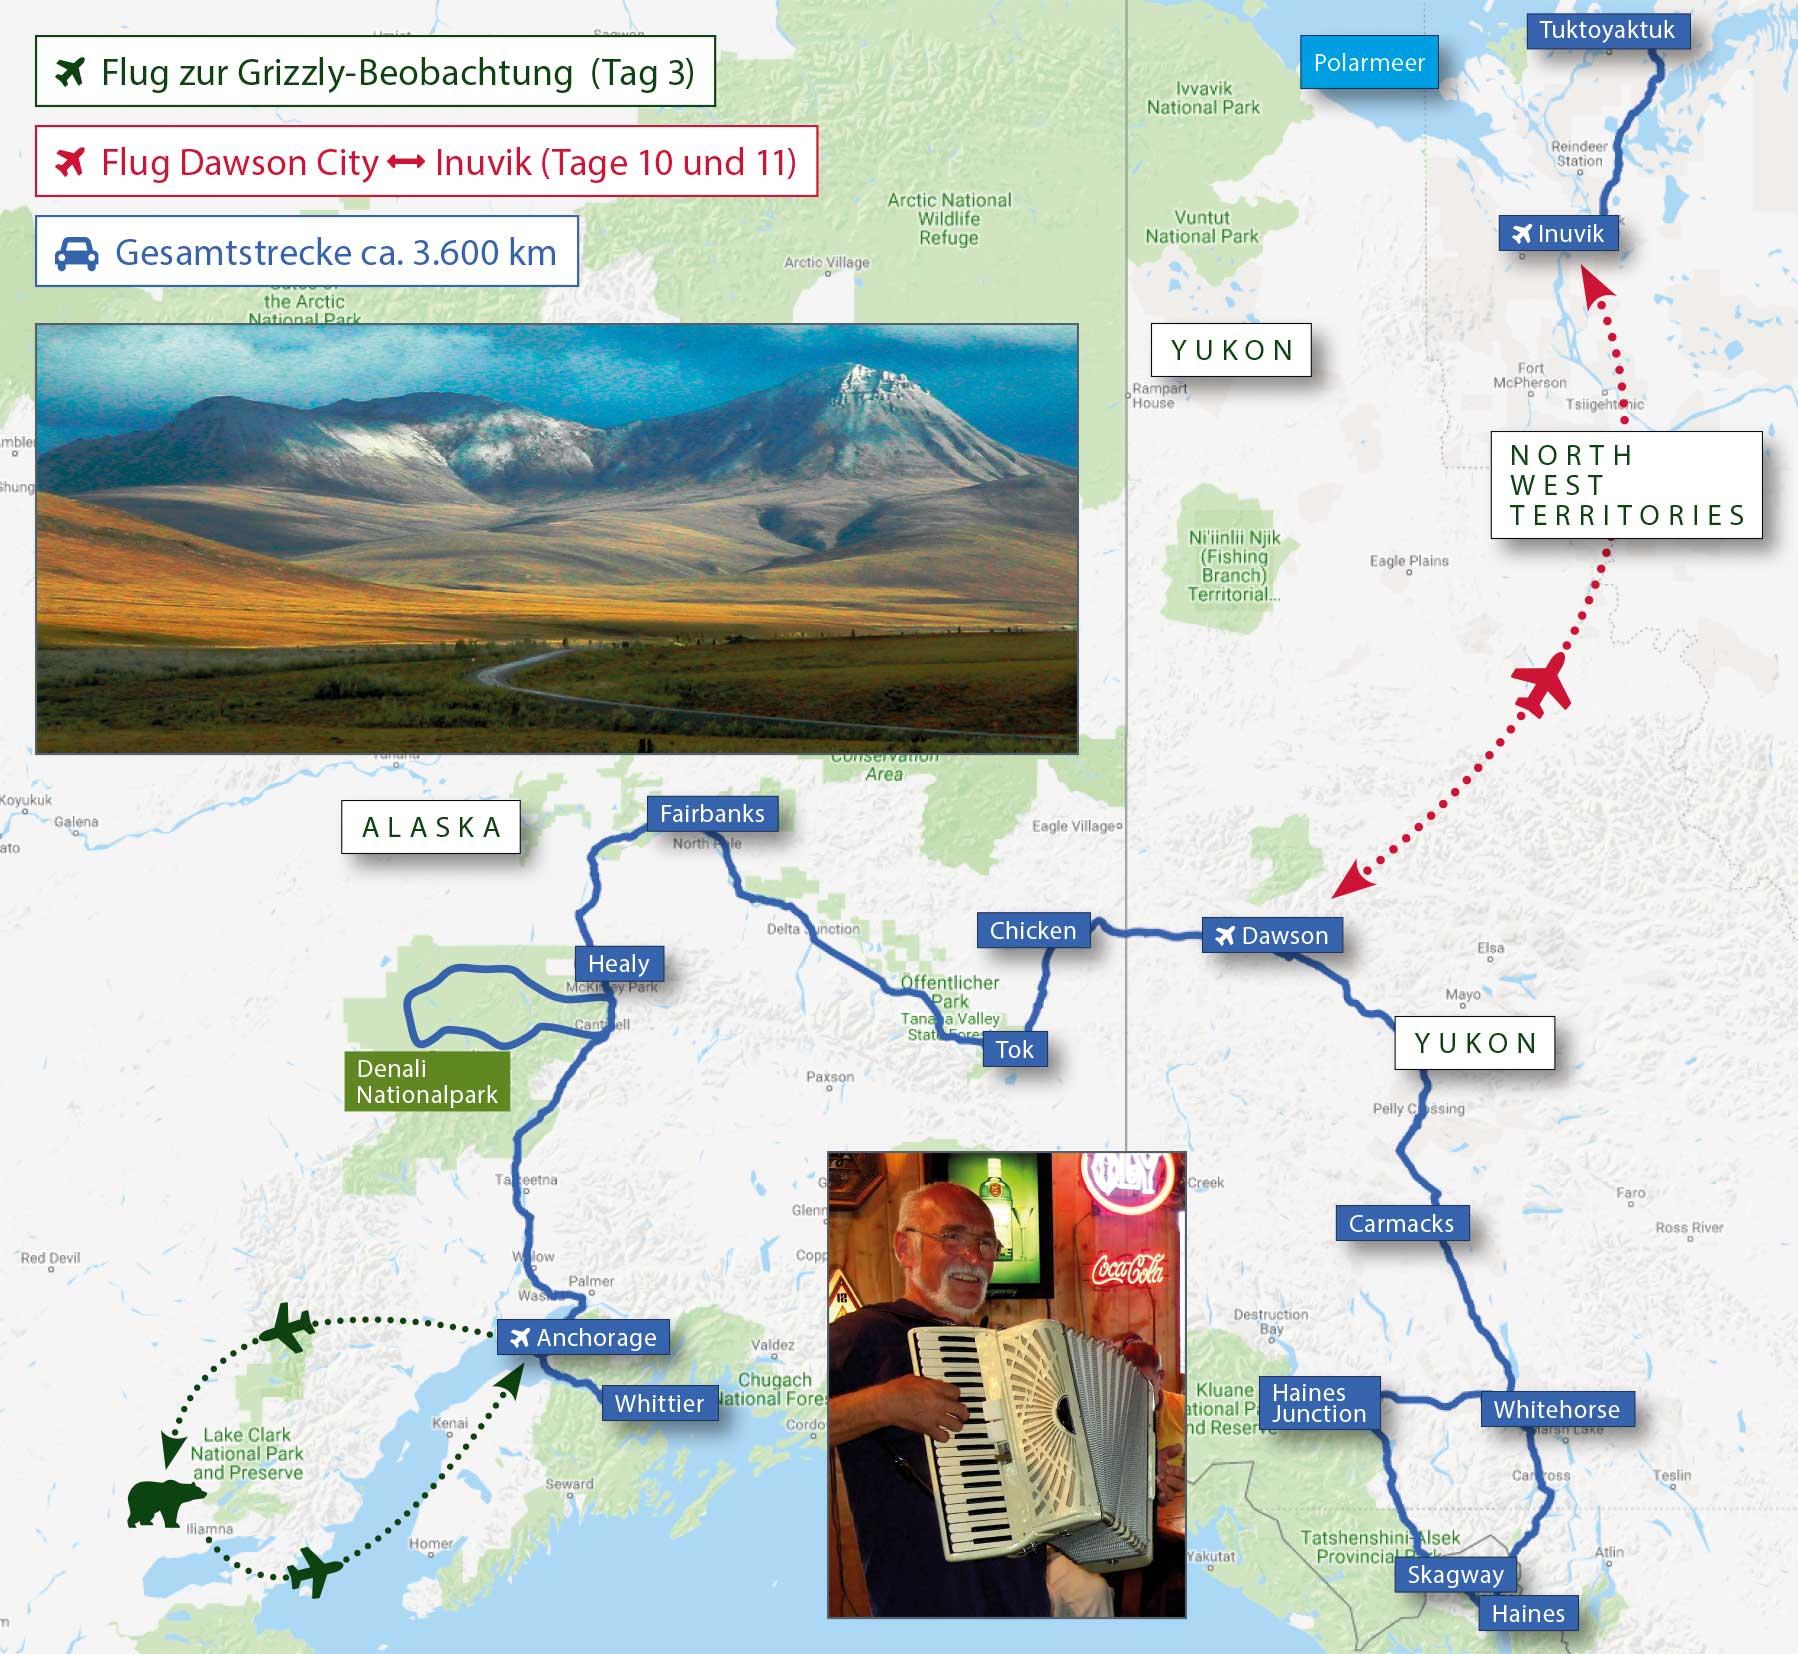 Polarkreis Alaska Karte.Kleingruppenreise The Last Frontier And Polar Circle